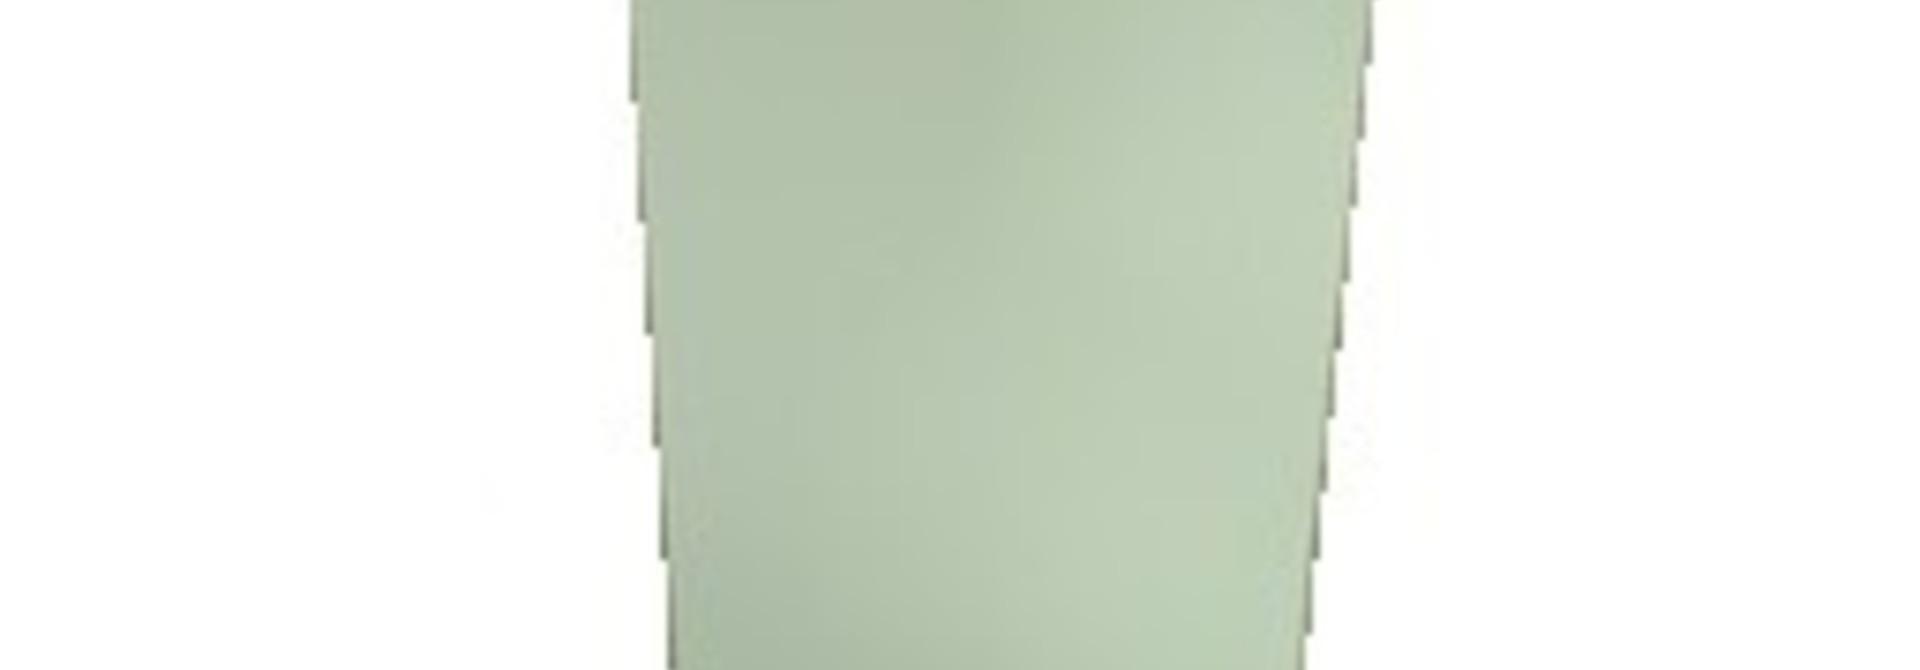 pilarsynthetictight white 21/90